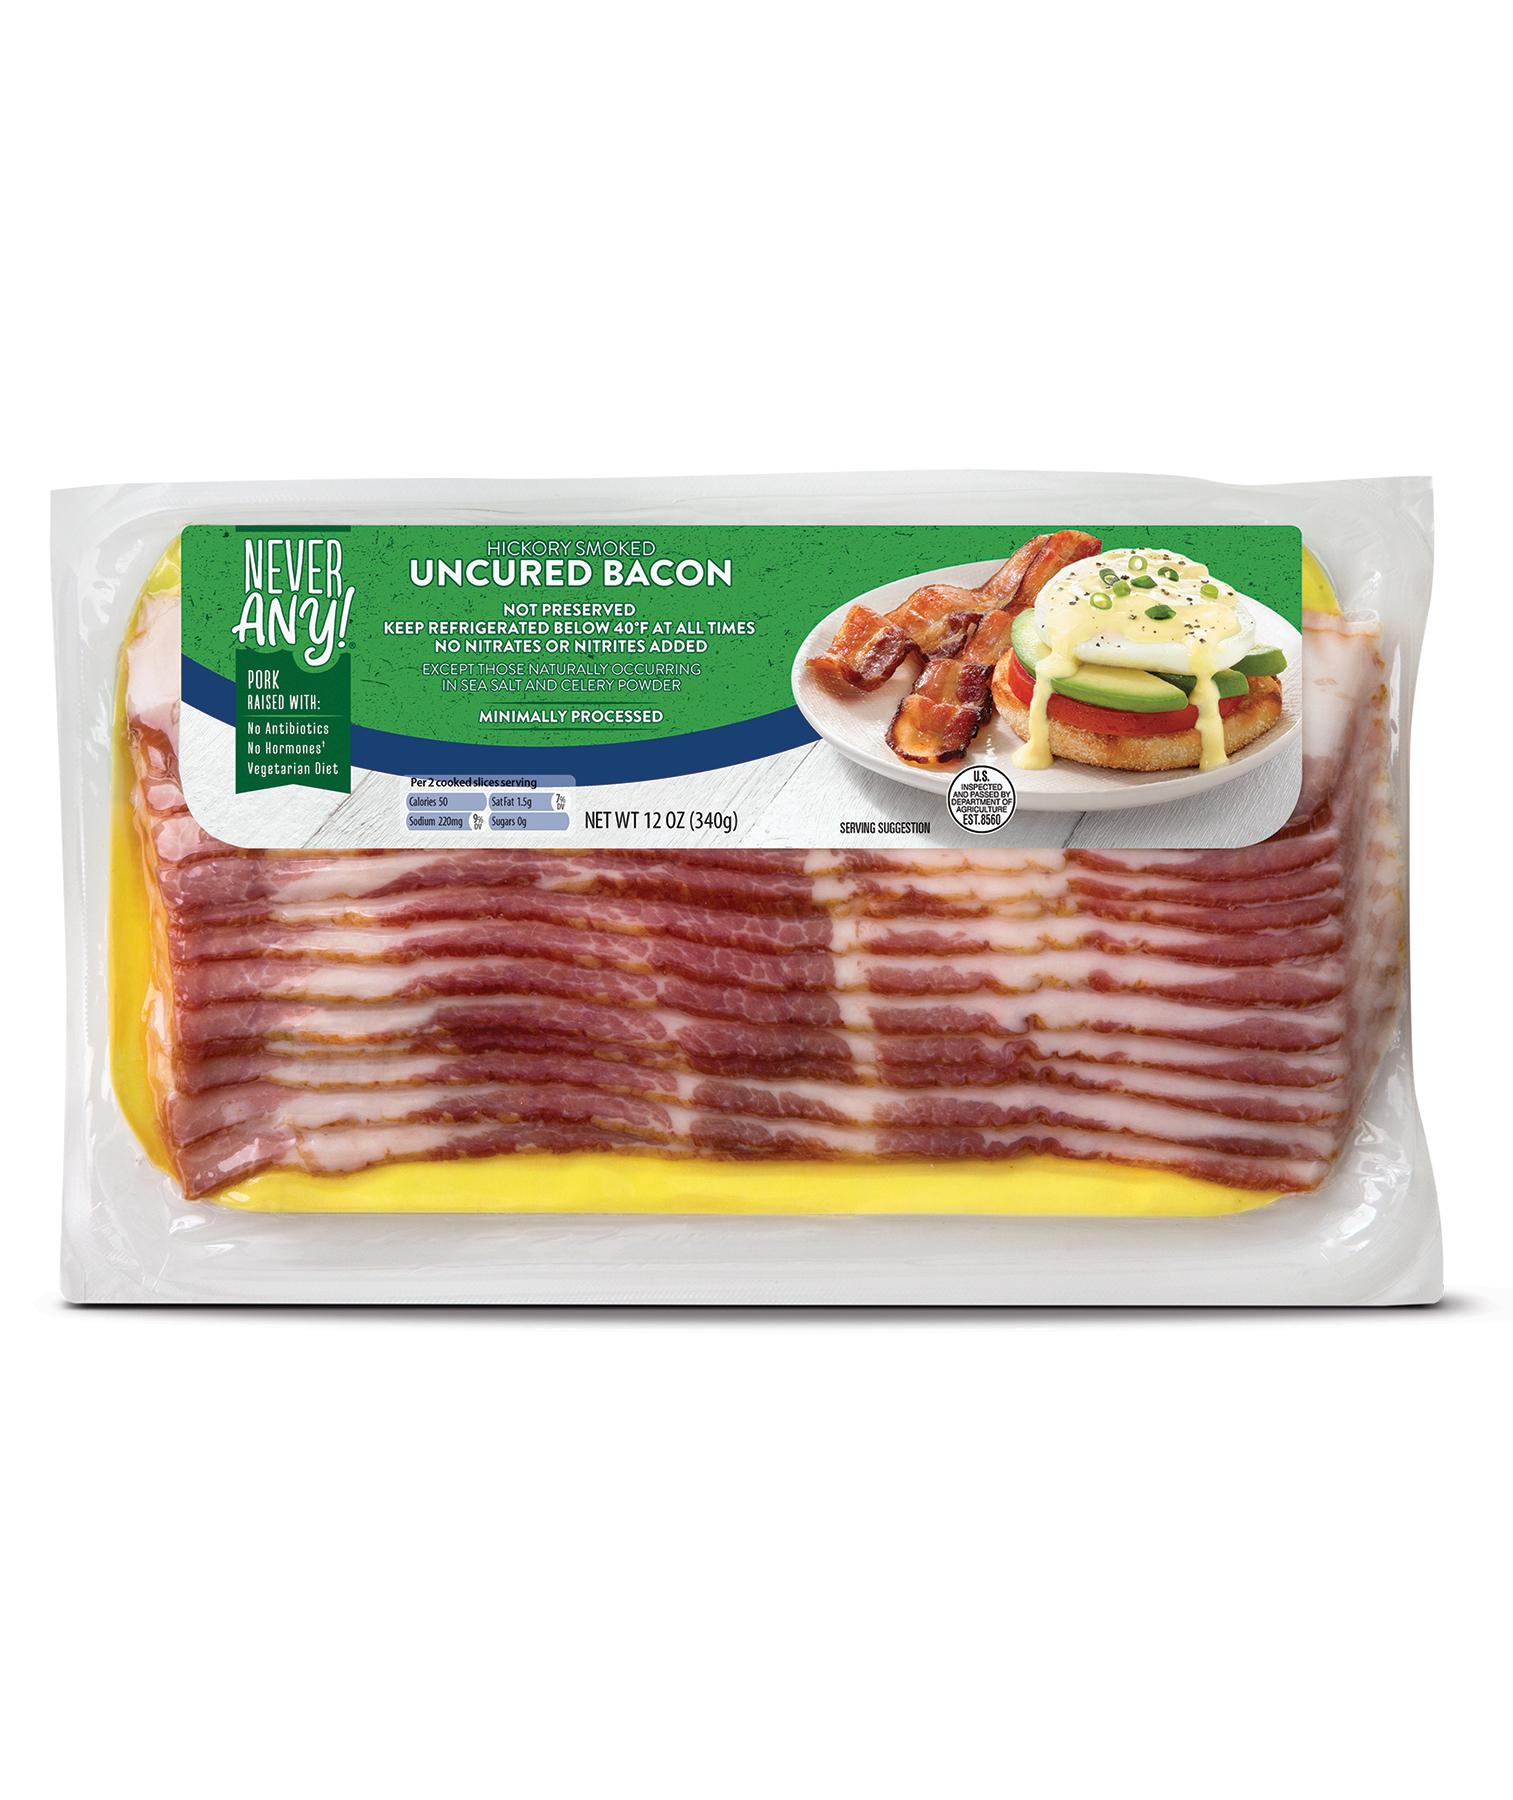 Appleton Farms Never Any! Hickory Bacon